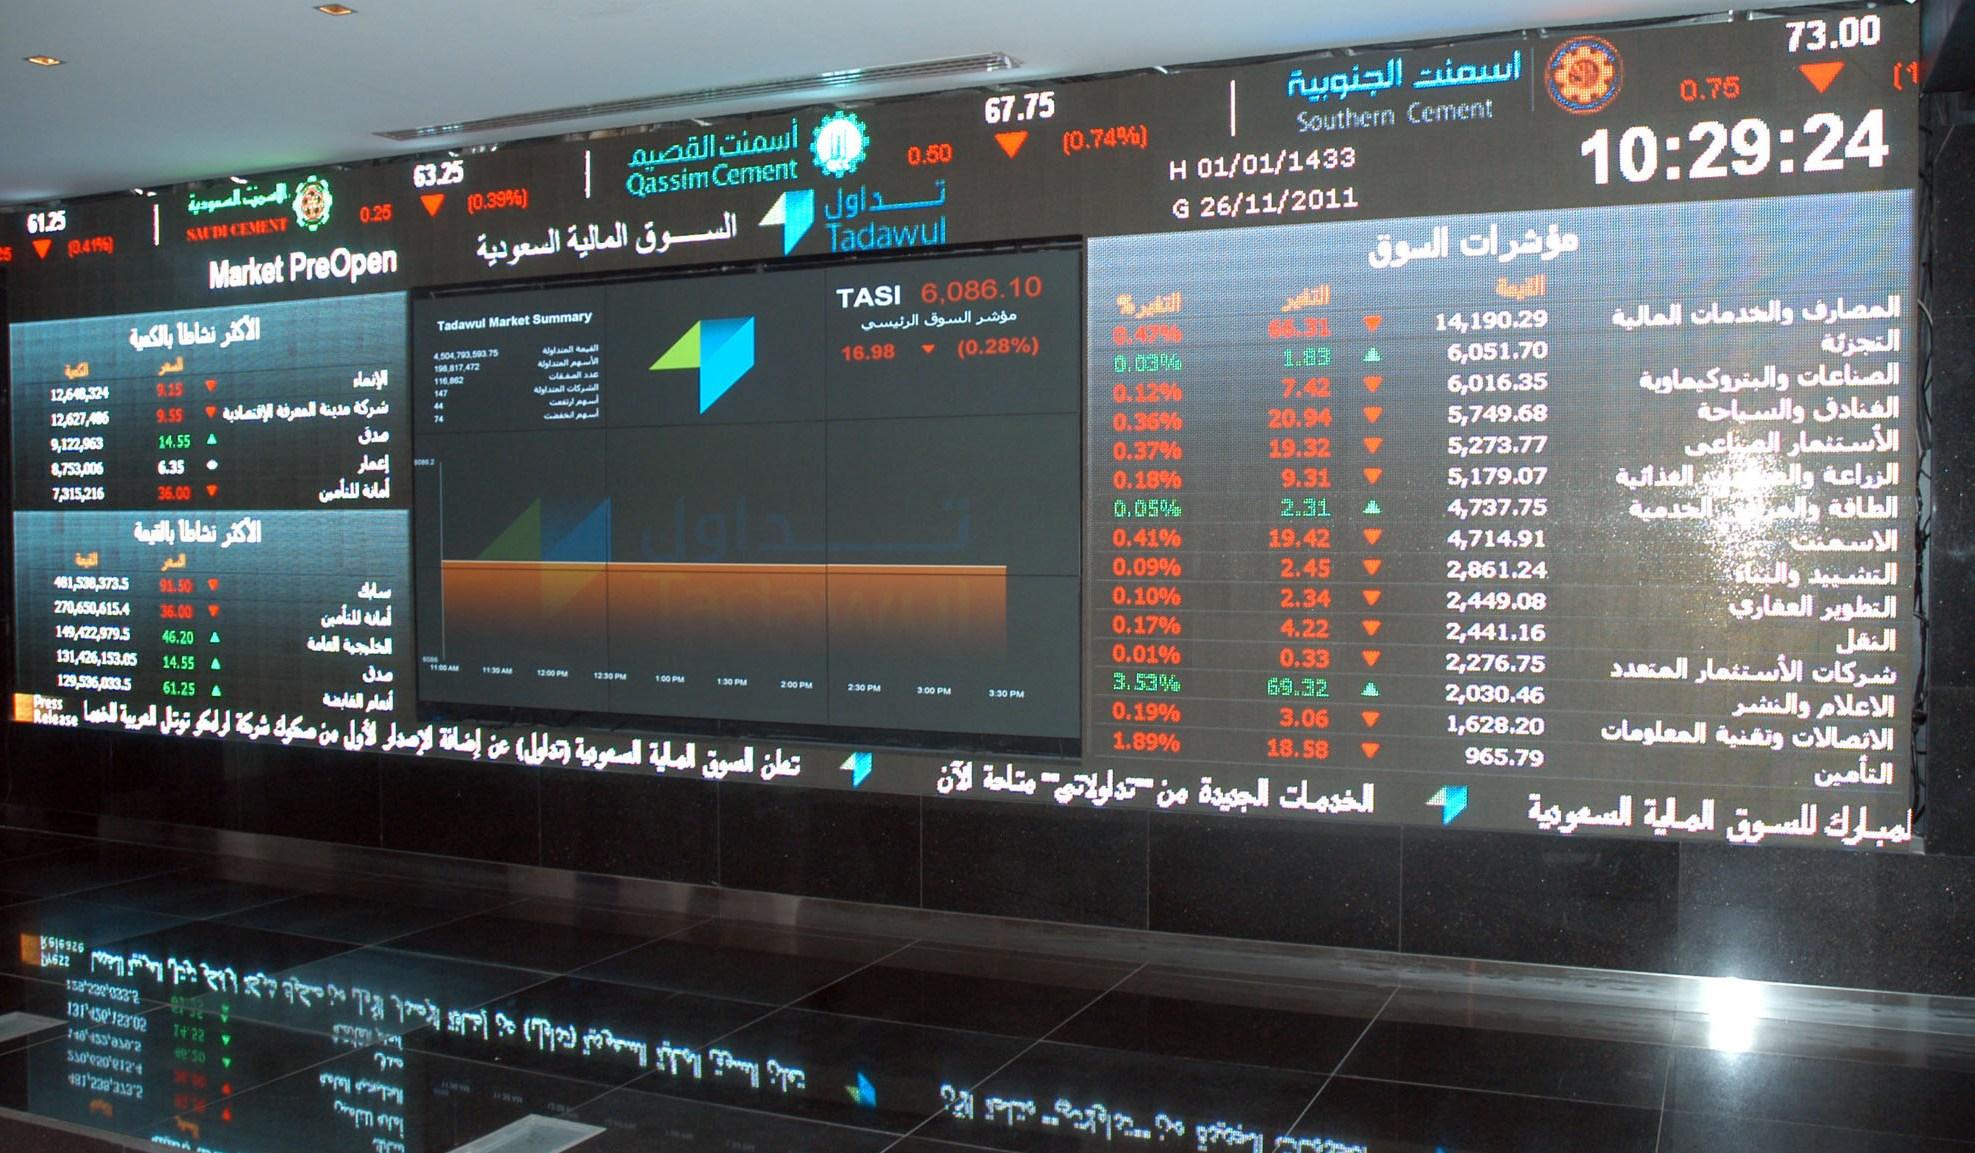 الأسهم السعودية تنهي تداولاتها اليوم كاسبة 23 نقطة عند مستوى 6898 نقطة   صحيفة الاقتصادية